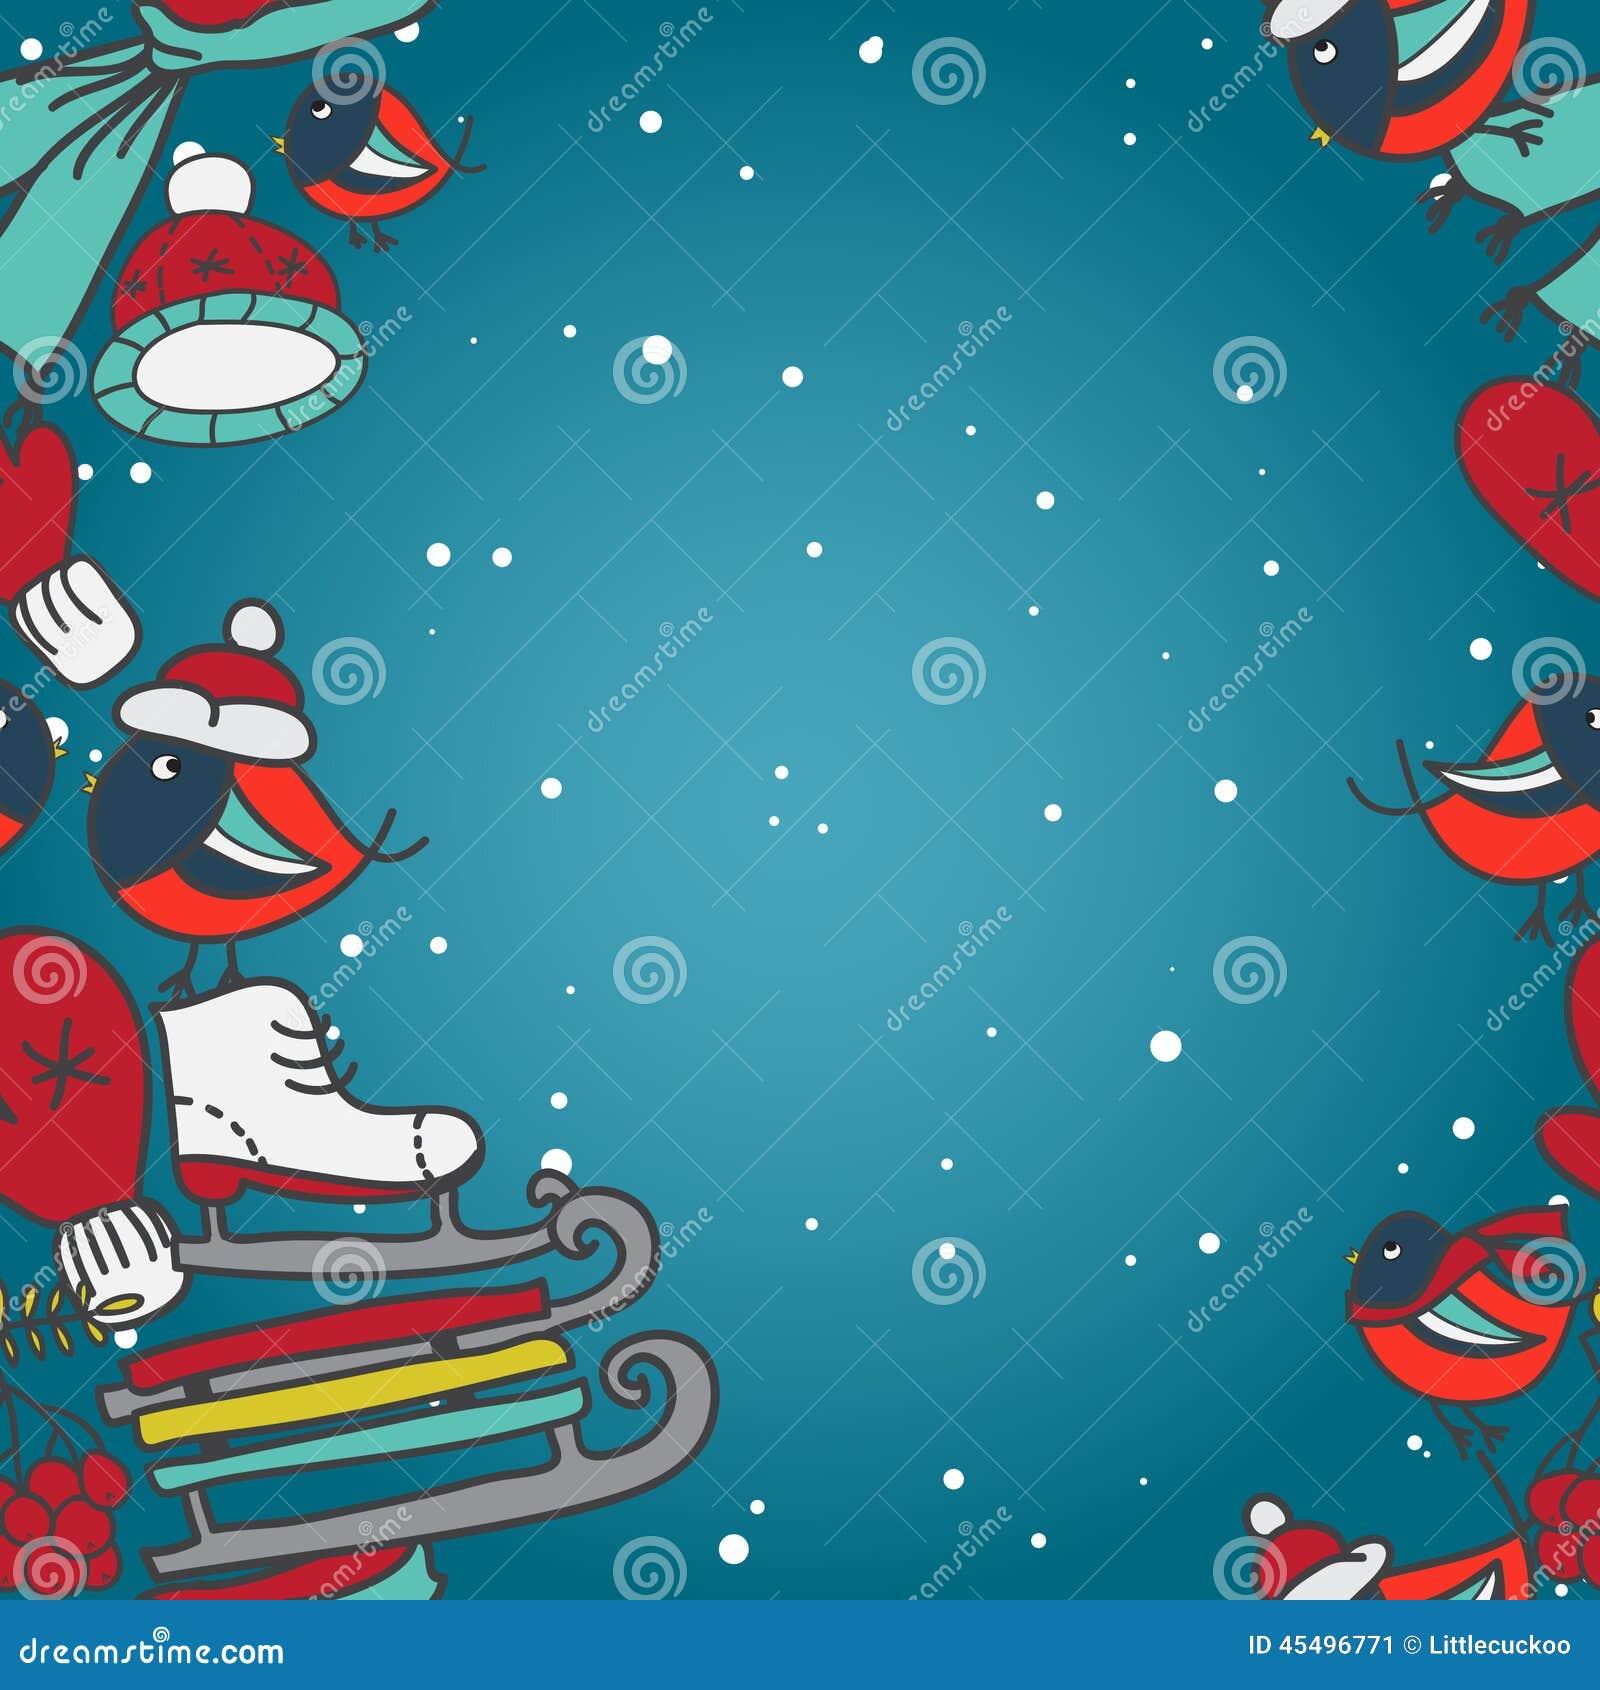 与红腹灰雀和雪撬手套的冬天无缝的边界加盖冰鞋